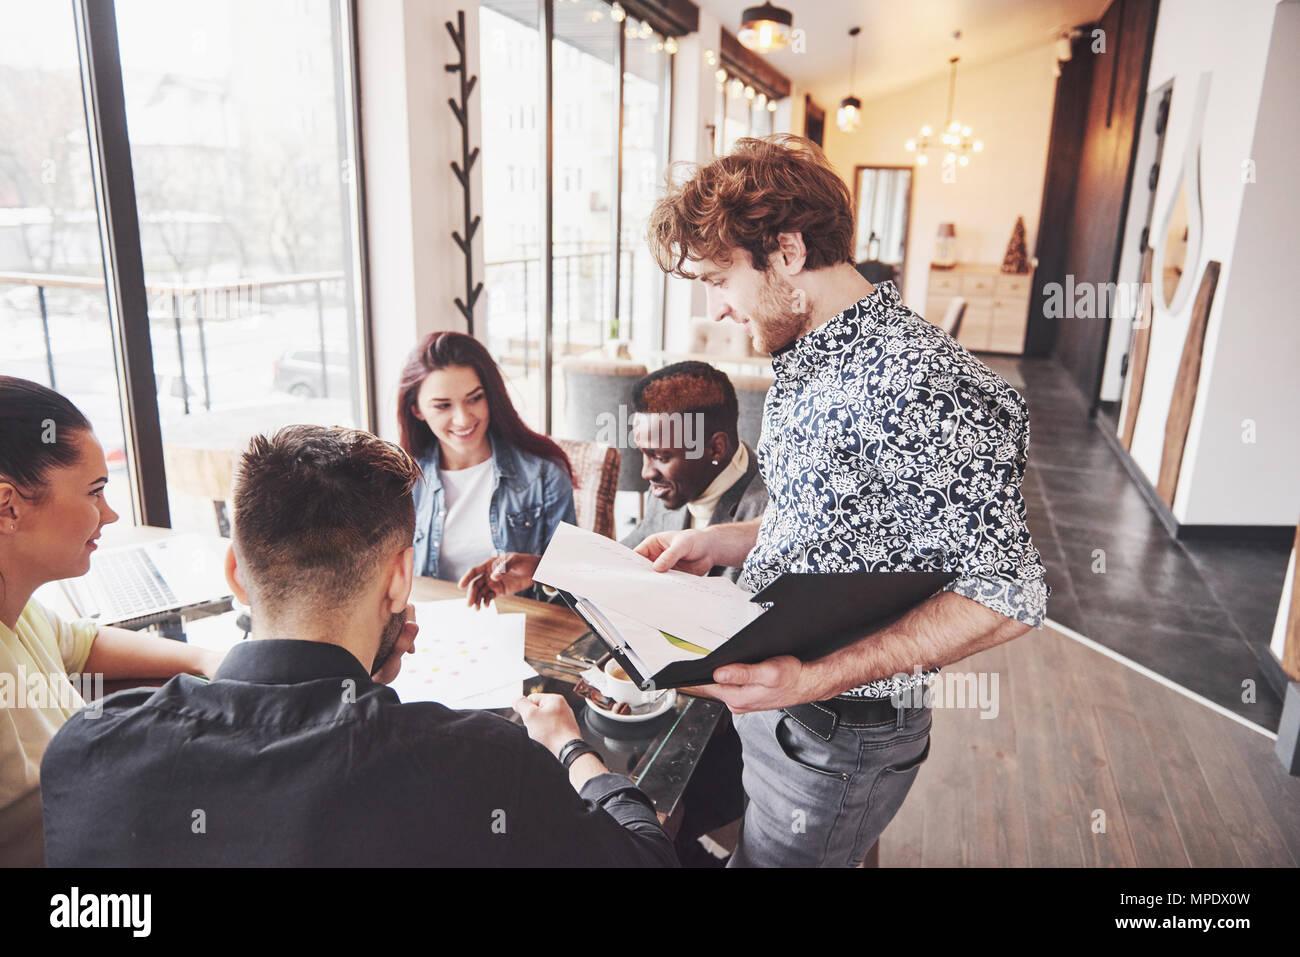 La diversità di avvio al lavoro di squadra Riunione di brainstorming Concept. Il team di Business collaboratori condivisione economia mondiale relazione documento portatile.persone che lavorano la pianificazione avvia.Gruppo Giovani Hipsters discutendo Cafe Immagini Stock